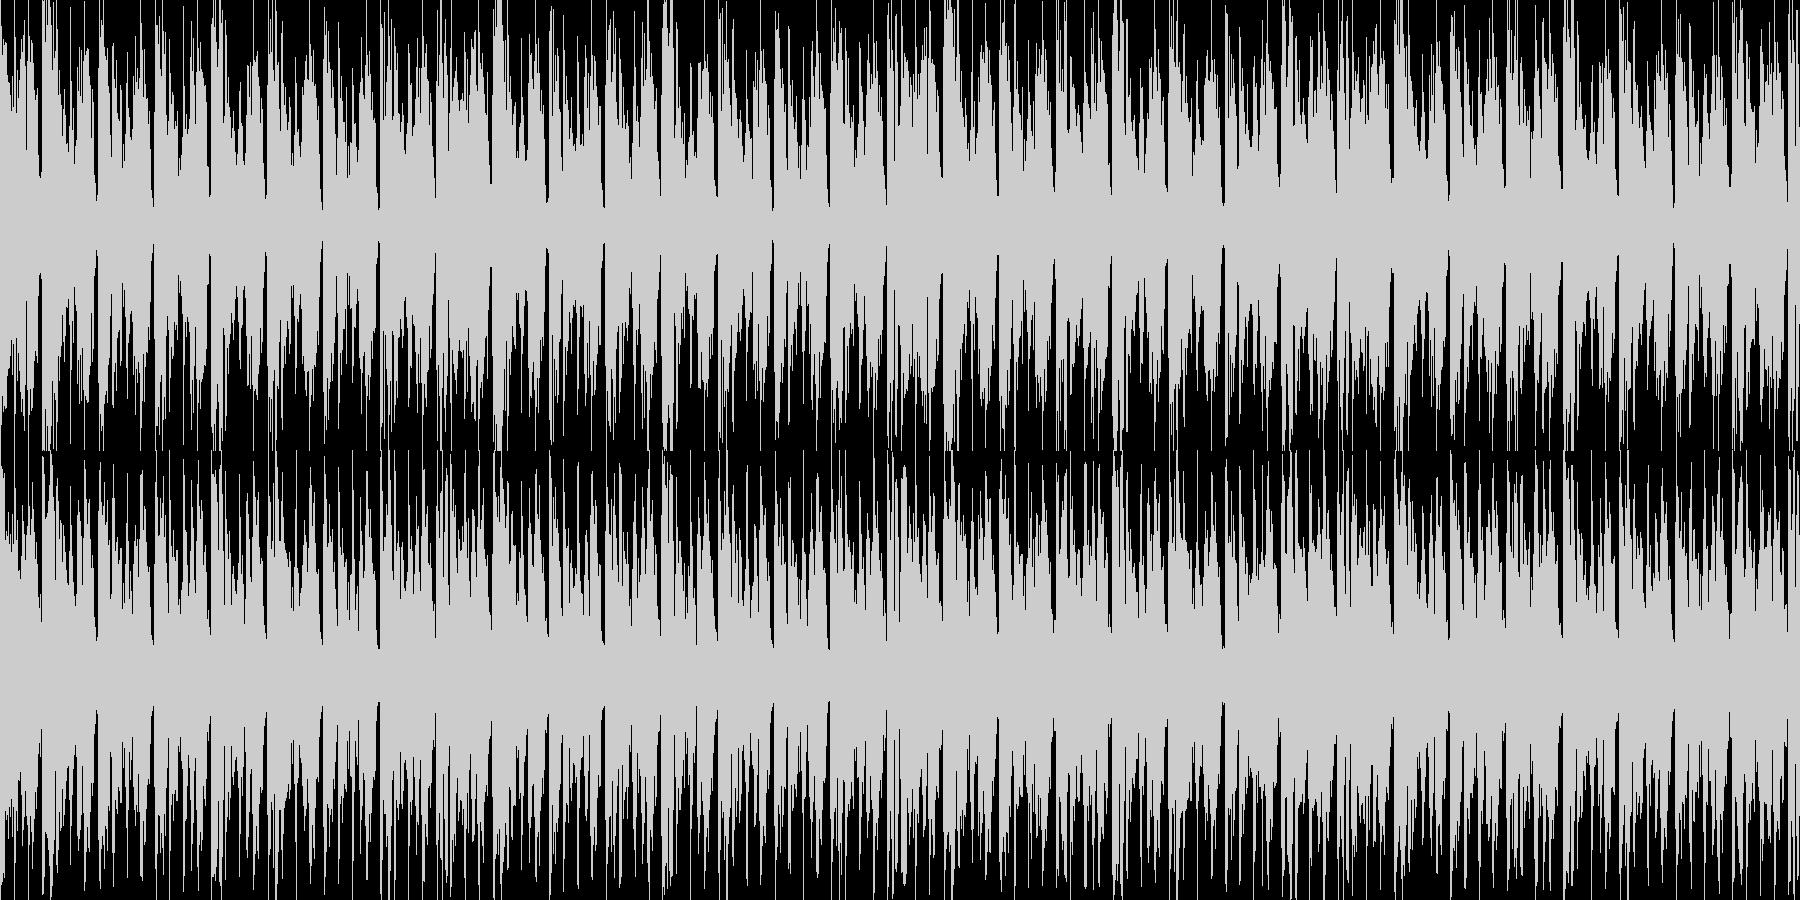 アンビエント、進歩的な技術/ハウス...の未再生の波形